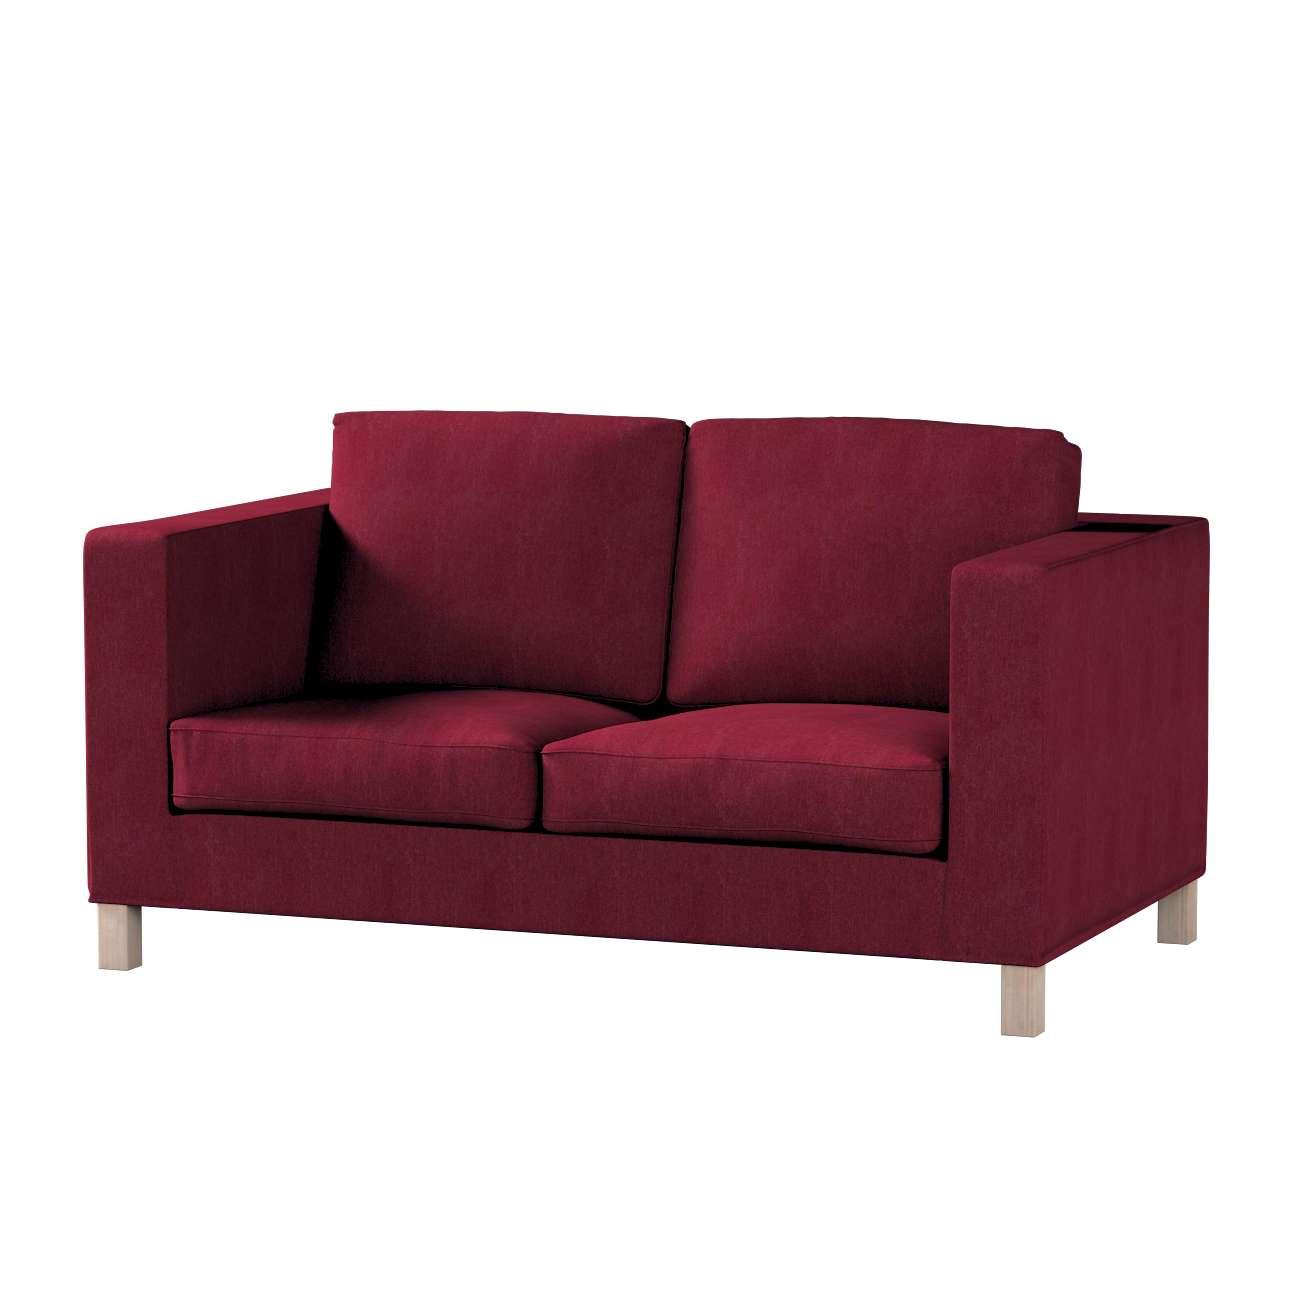 Karlanda klädsel<br>2-sits soffa - kort klädsel i kollektionen Chenille, Tyg: 702-19